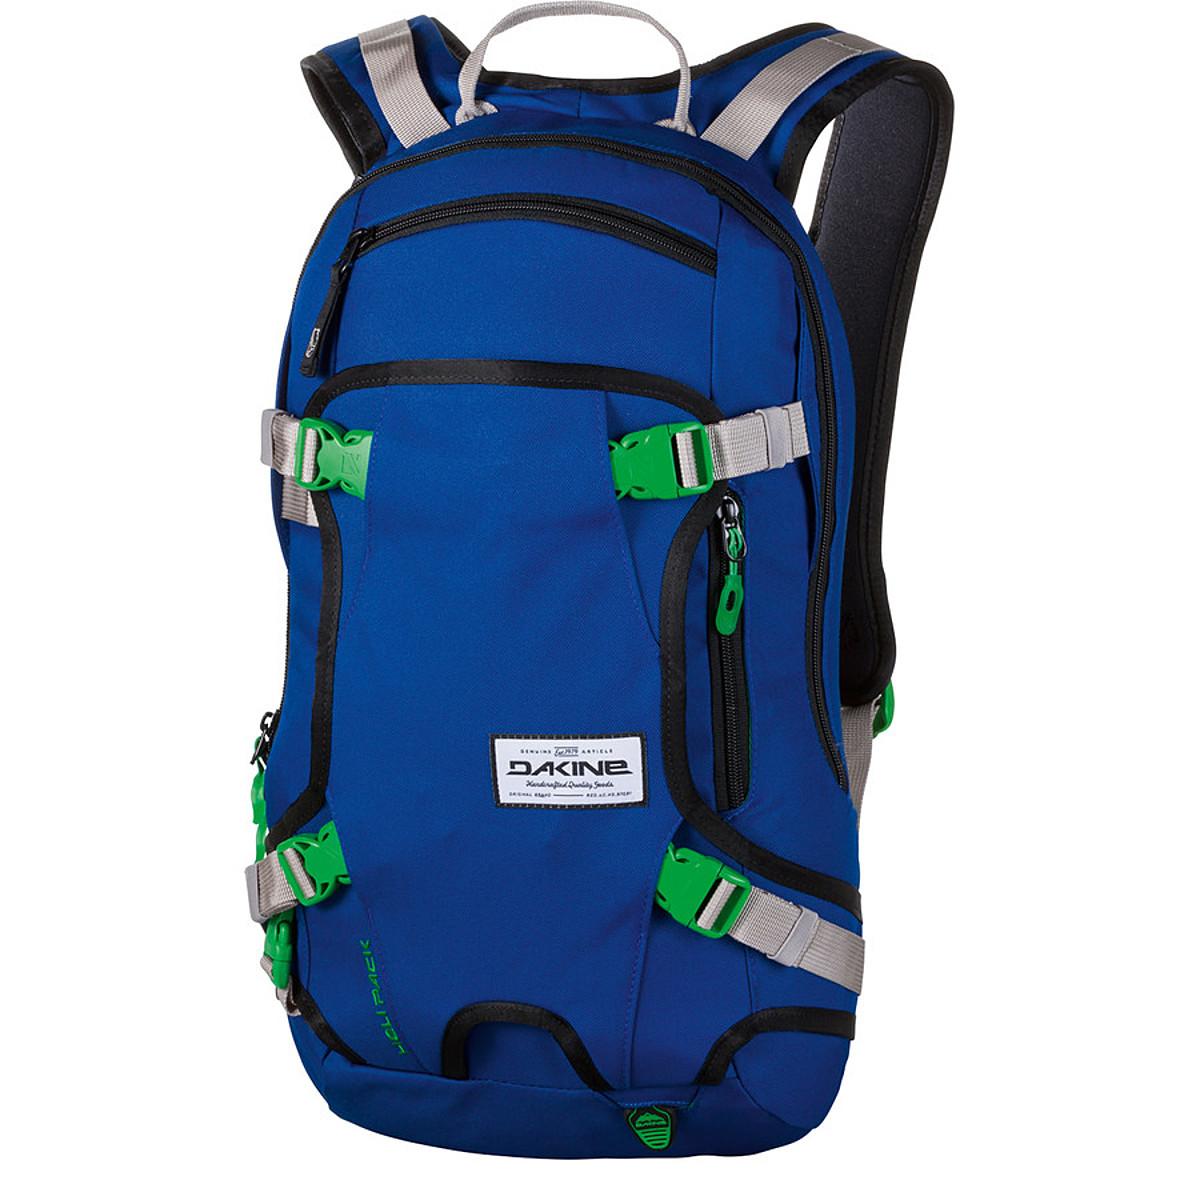 DaKine Heli Pack